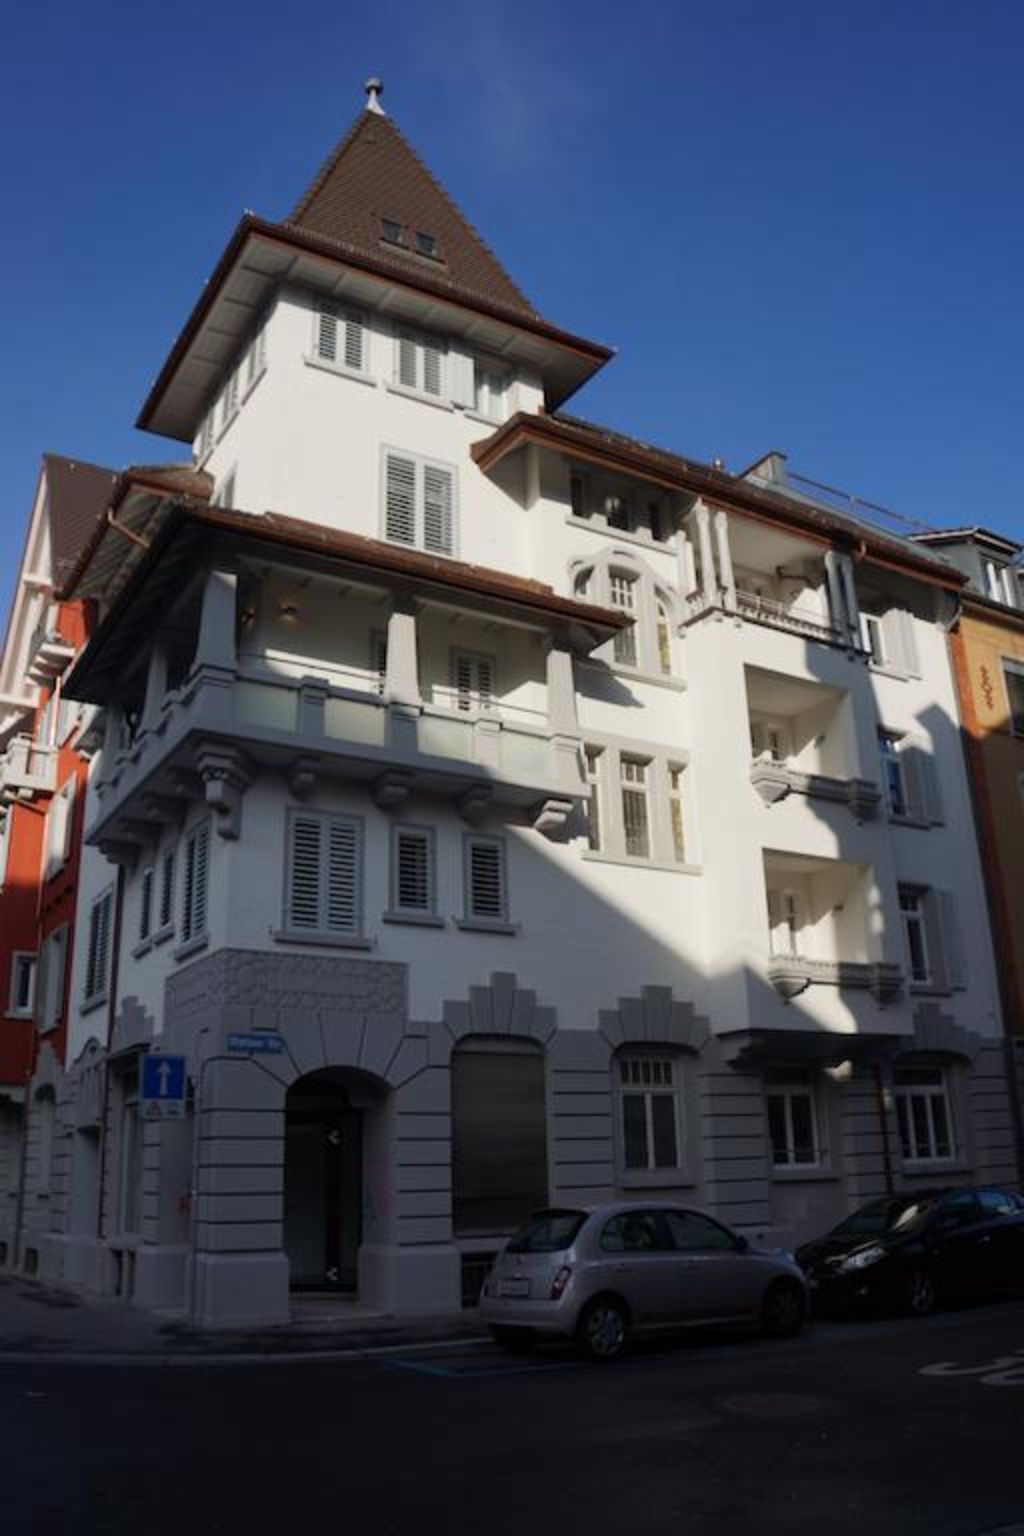 Weststrasse